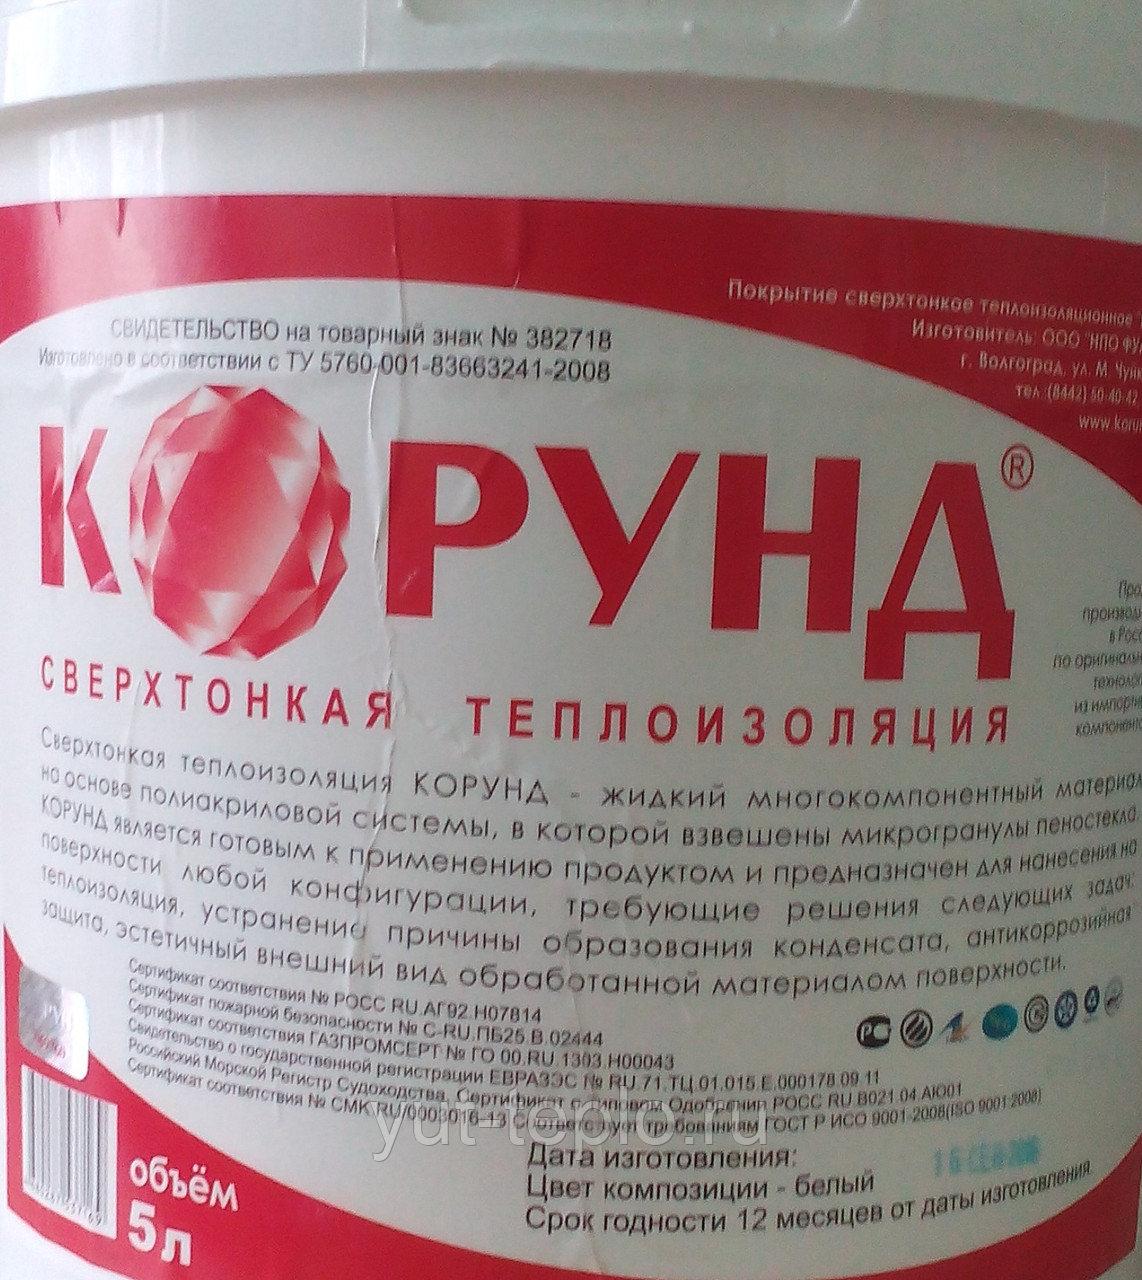 Теплоизоляционная краска: что такое краска утеплитель, характеристики и применение